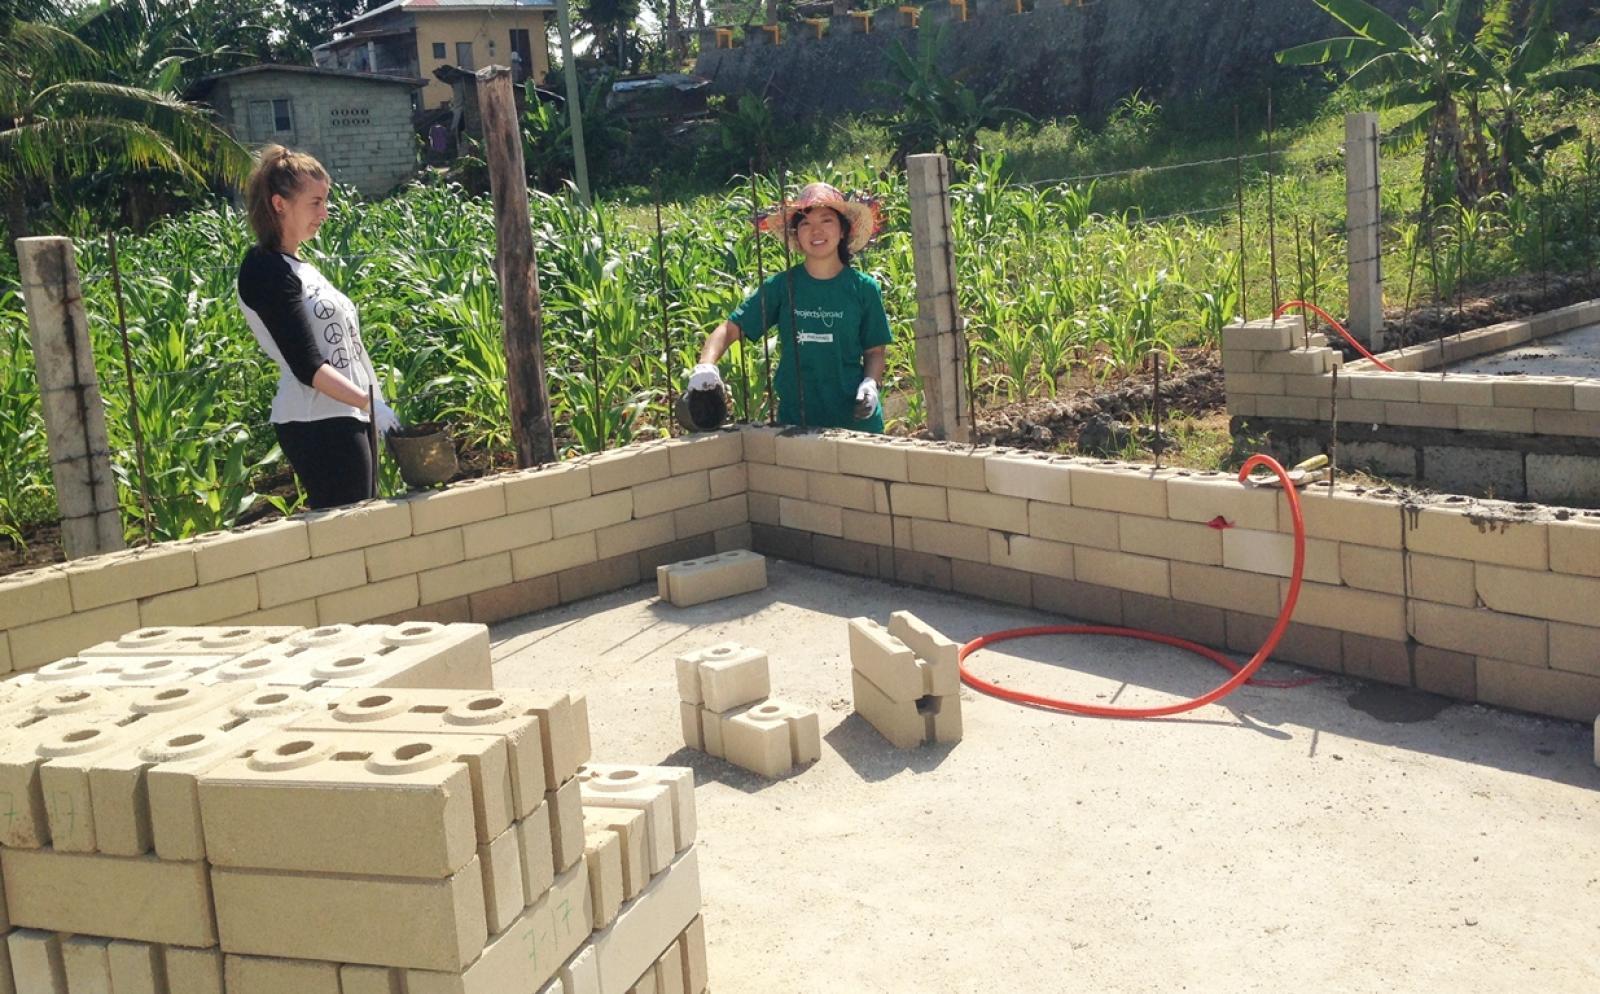 日本人ボランティアがフィリピンで建築作業に貢献